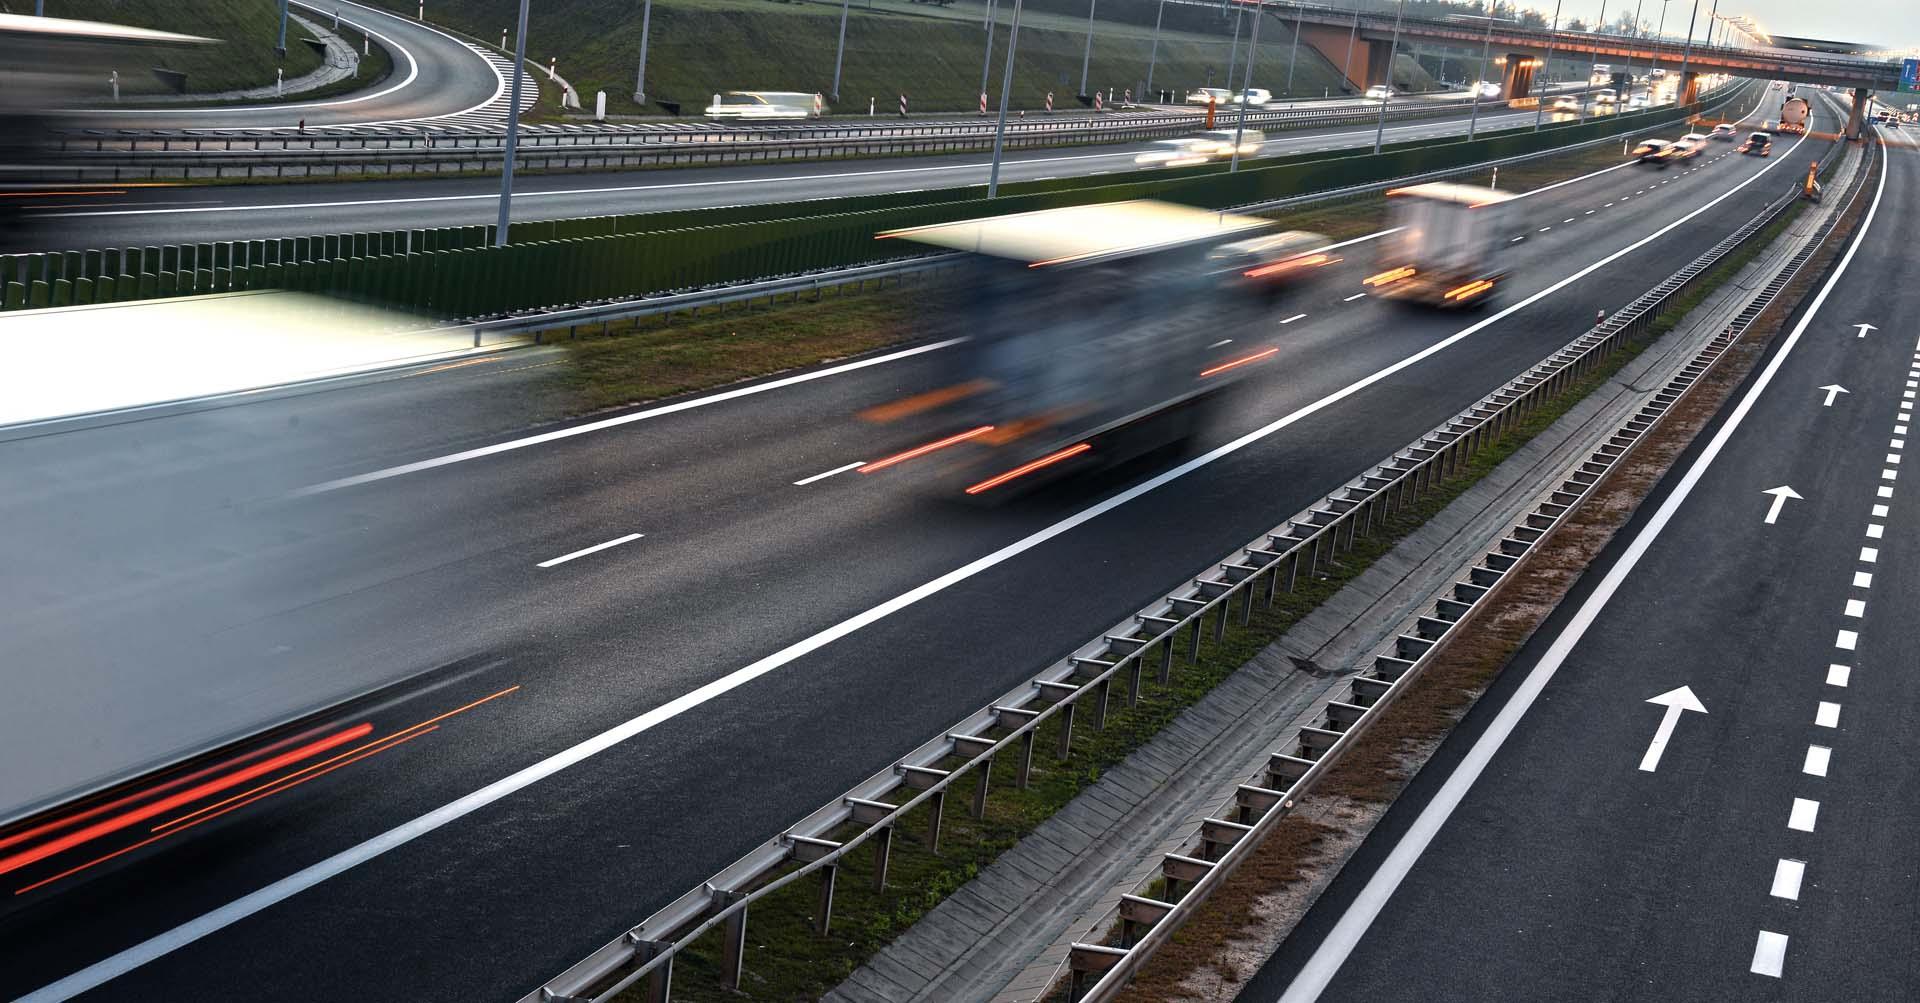 autostrada camion generici v5